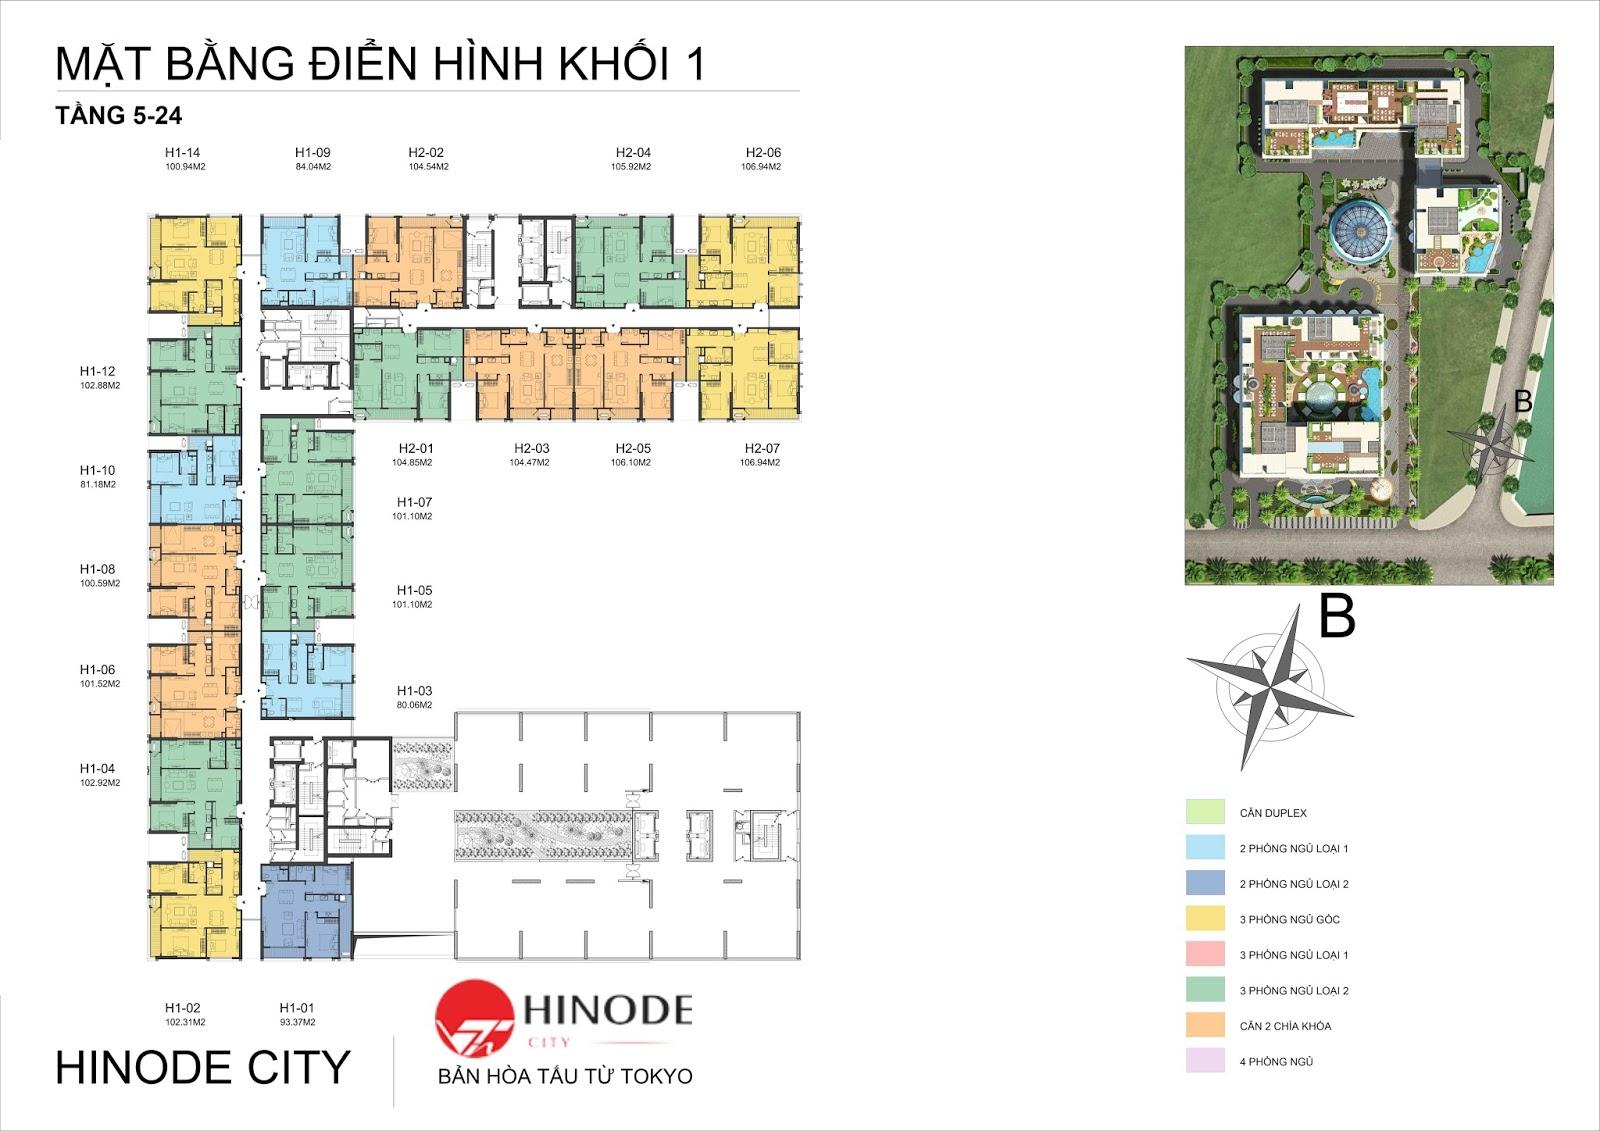 Mặt bằng điển hình toà T1 dự án Hinode City